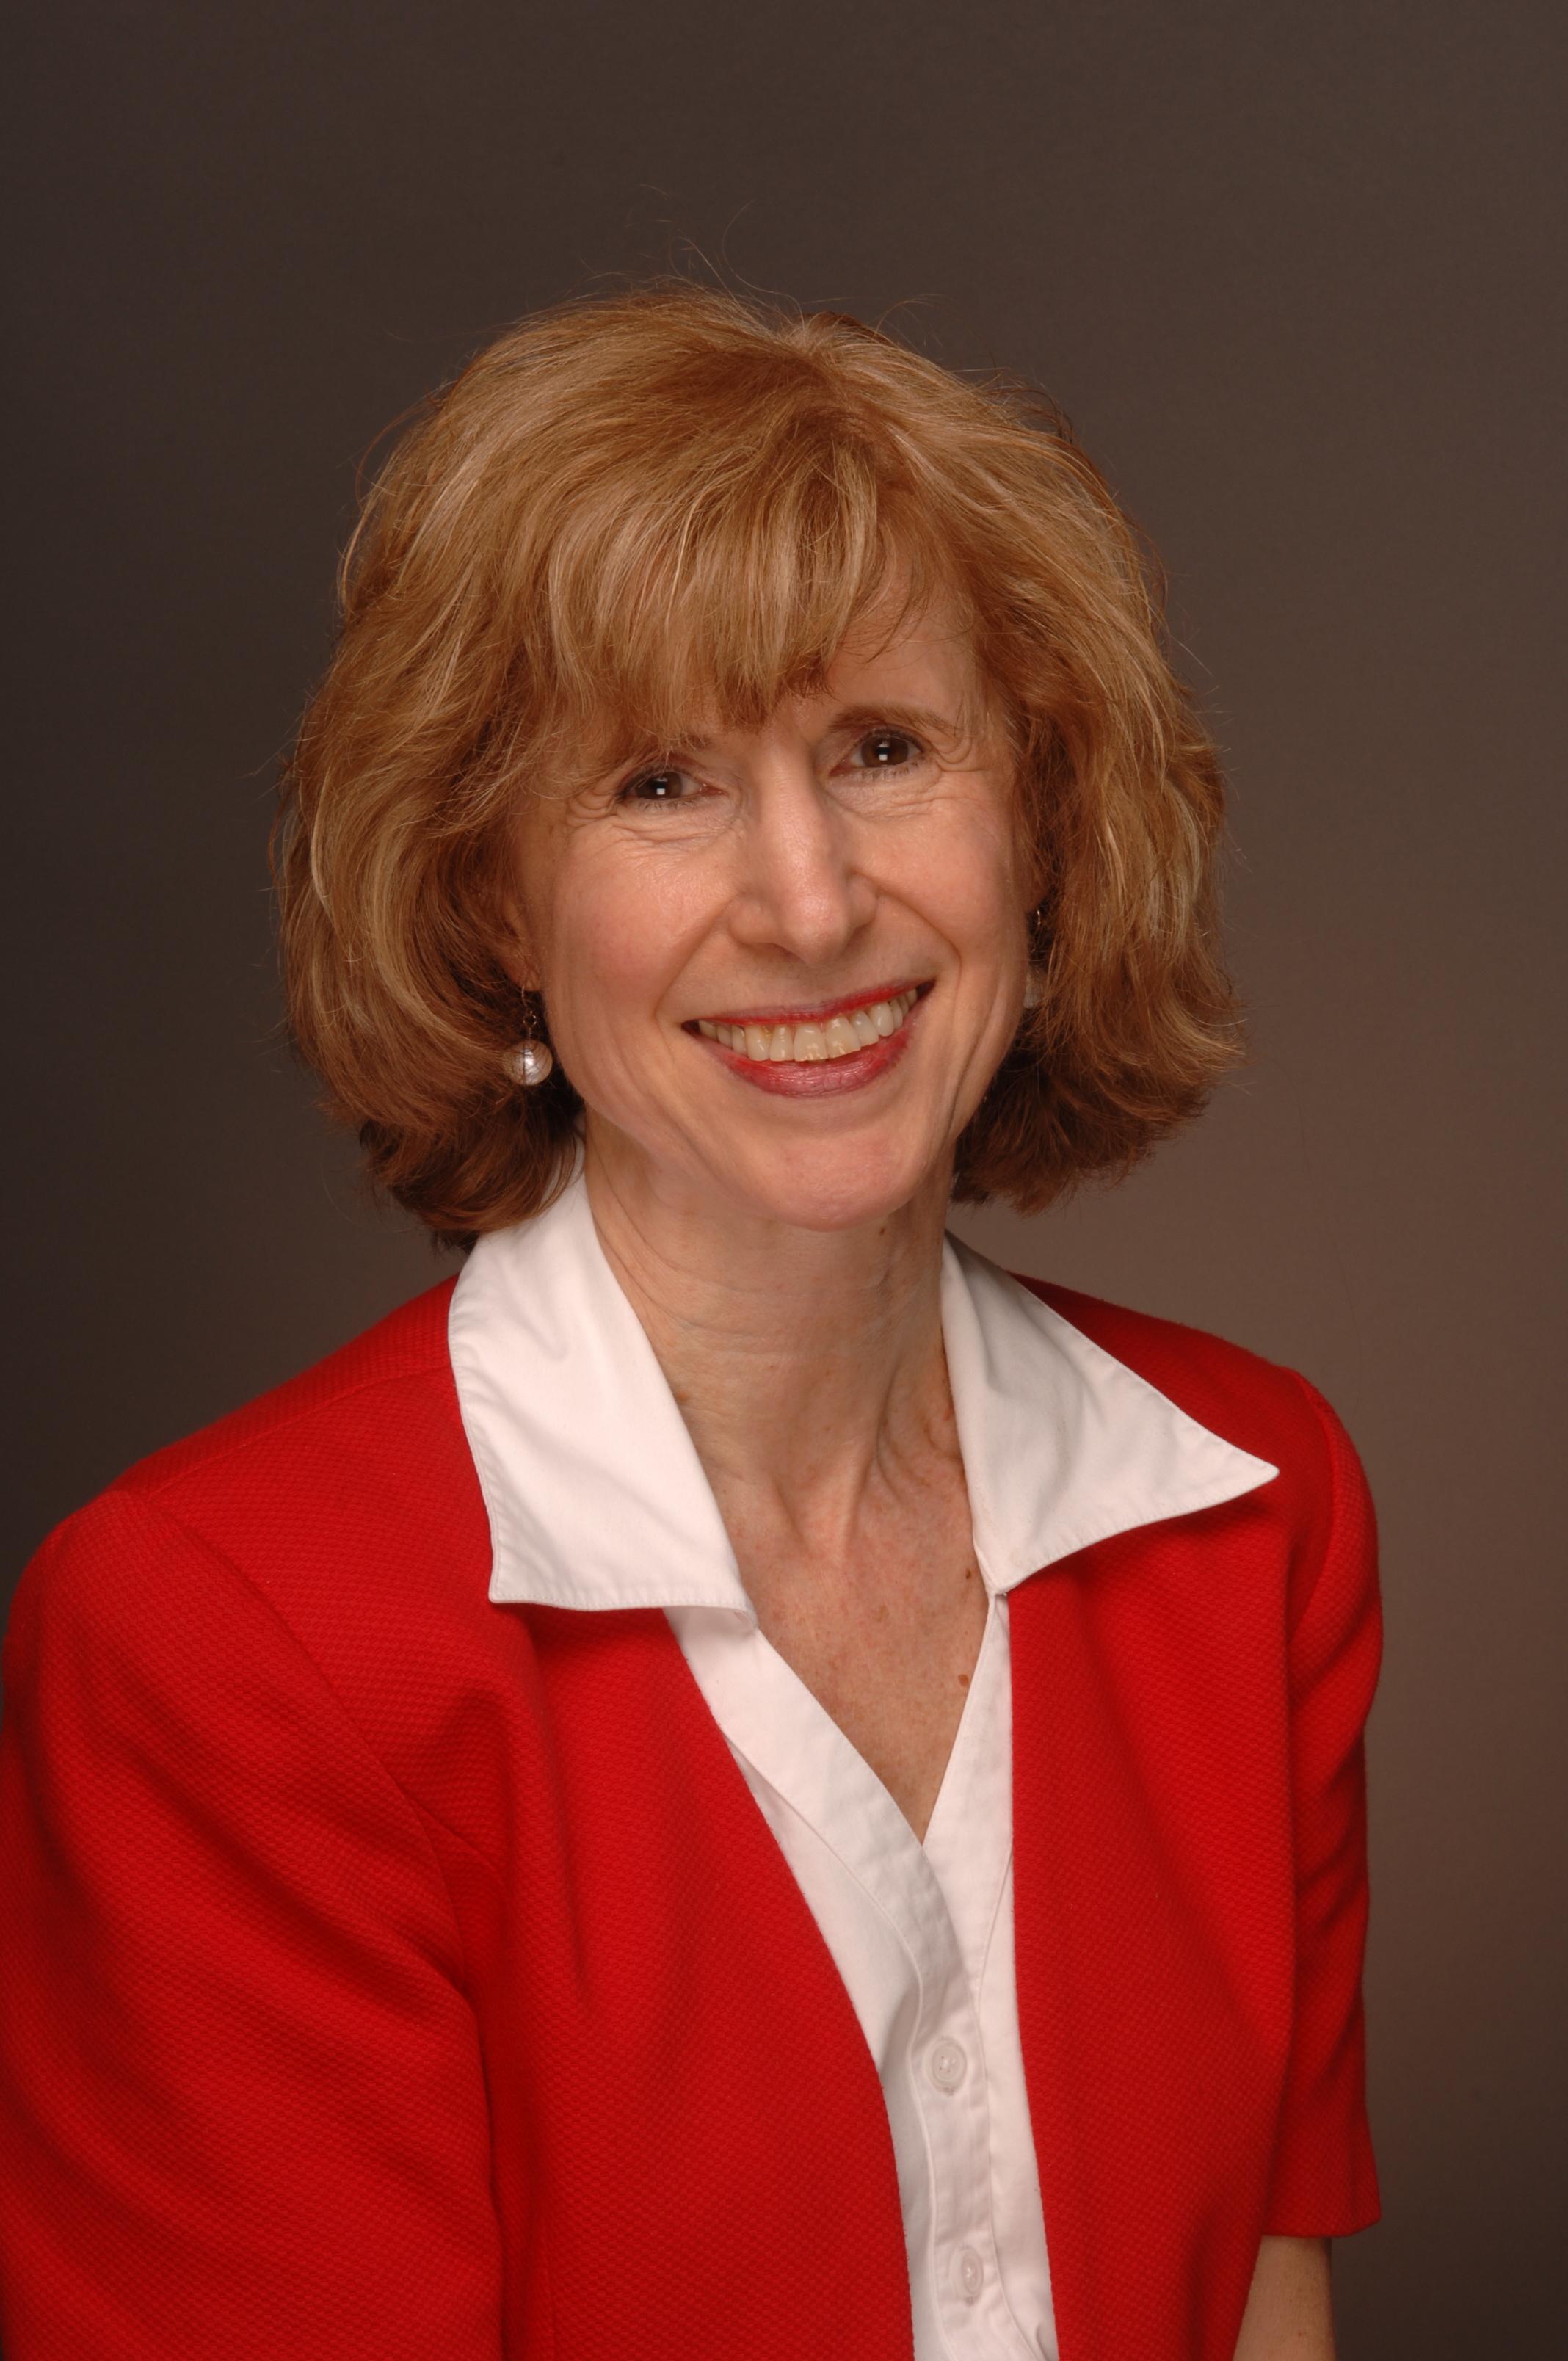 Elizabeth Capaldi Phillips